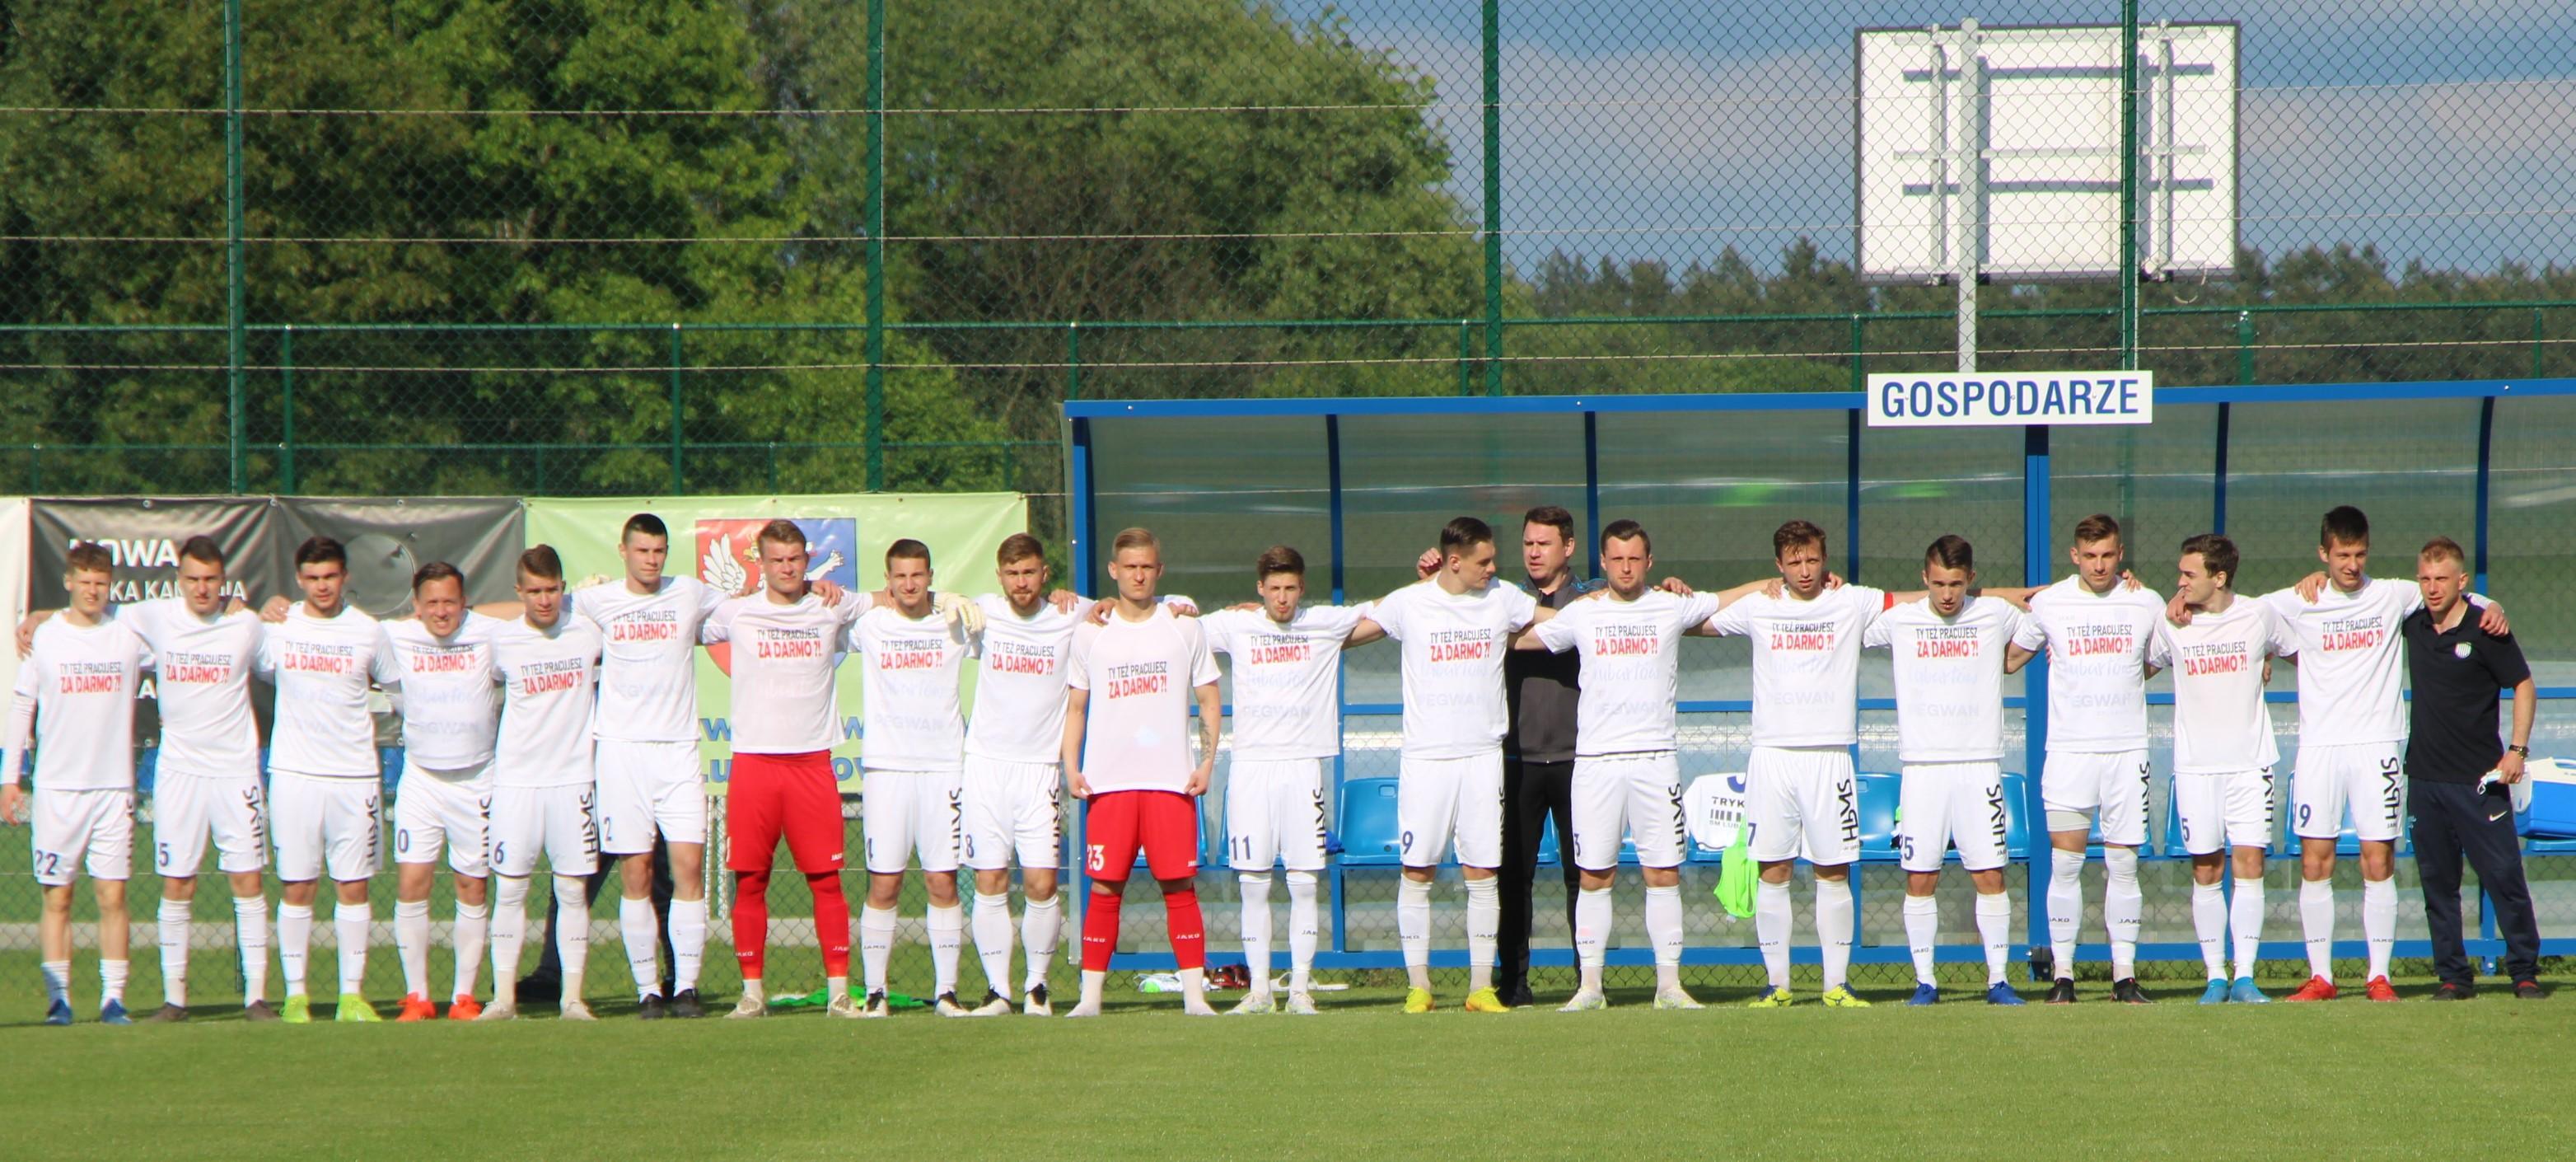 """Protest piłkarzy Lewartu Lubartów. Wyszli w koszulkach """"Ty też pracujesz za darmo?"""" - Zdjęcie główne"""